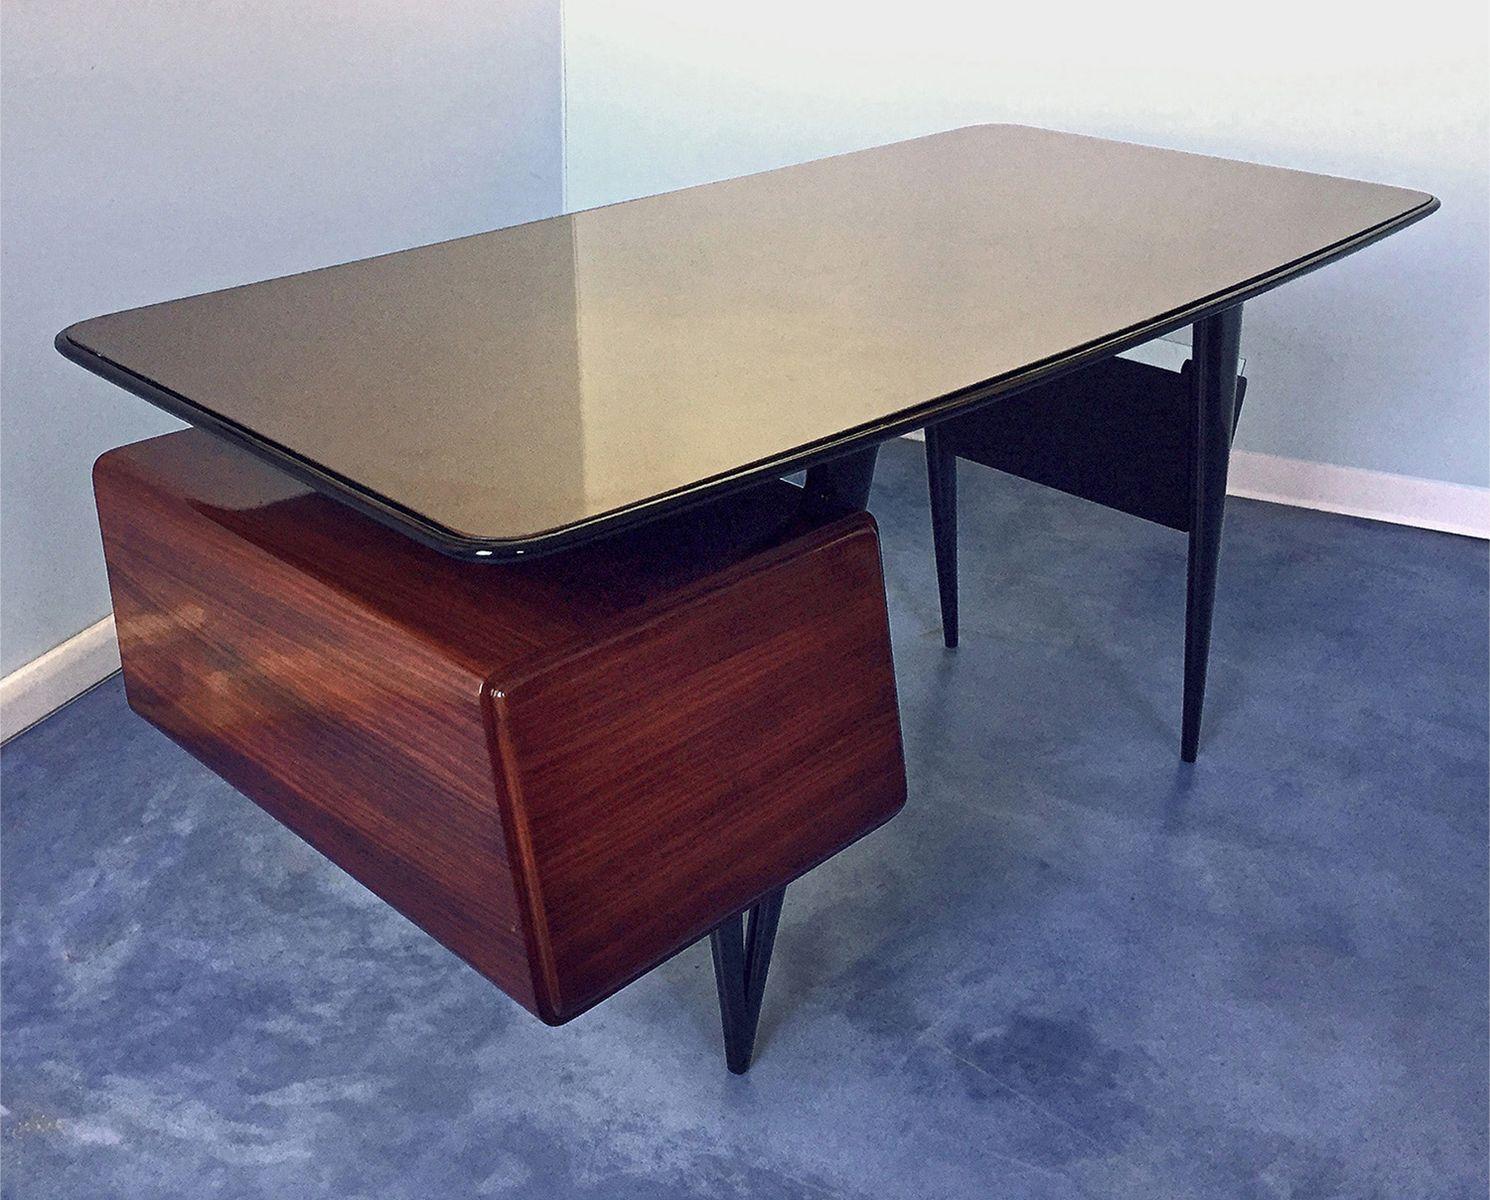 schreibtisch mit stuhl von silvio cavatorta 1950er bei pamono kaufen. Black Bedroom Furniture Sets. Home Design Ideas